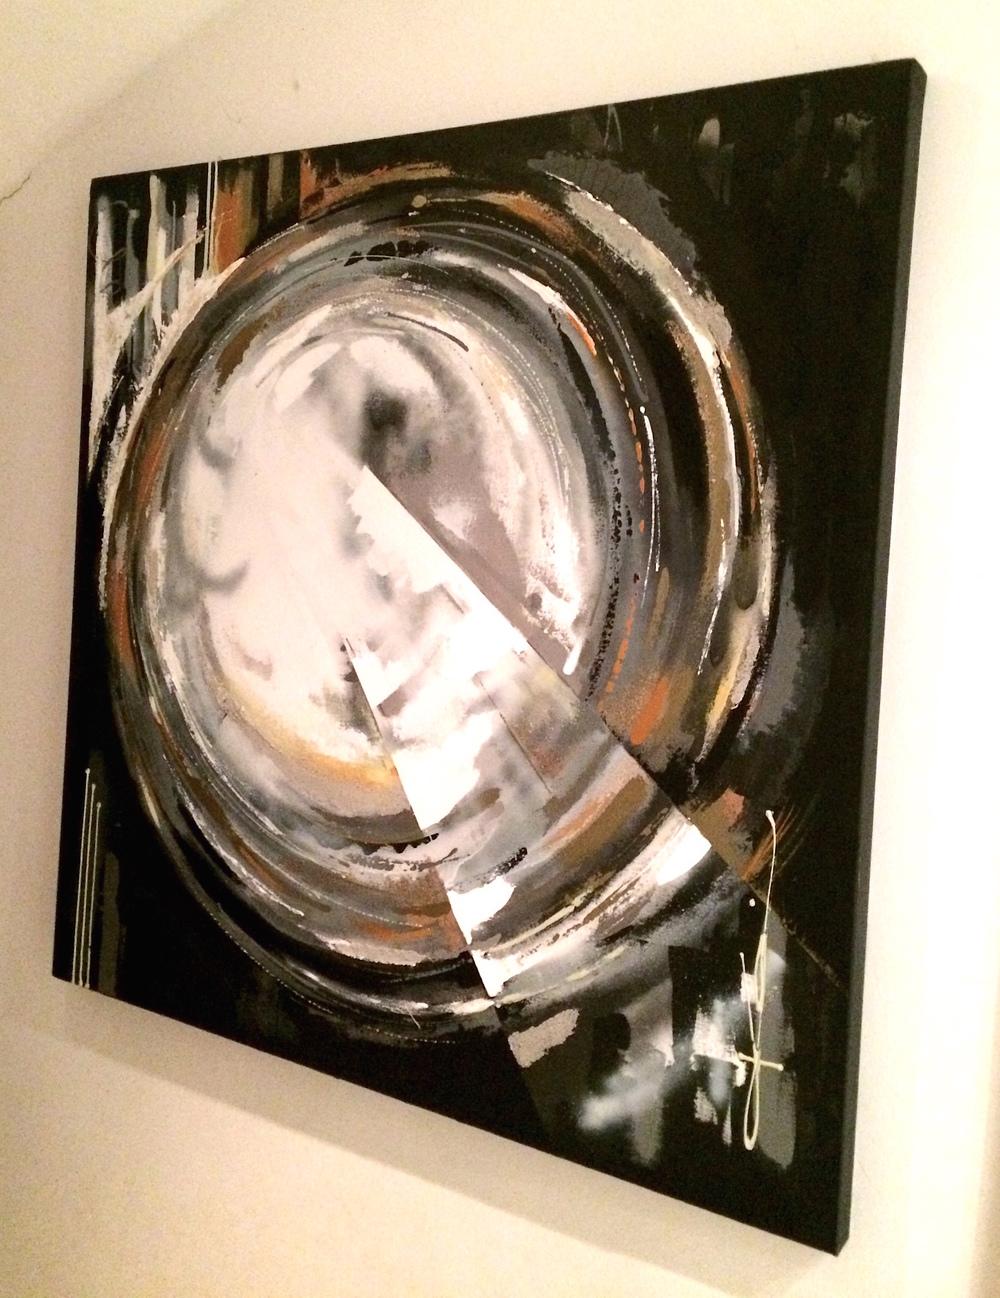 ÅSKA - Akryl på duk, 100 x 100 cm   Pris: 8 500 kr